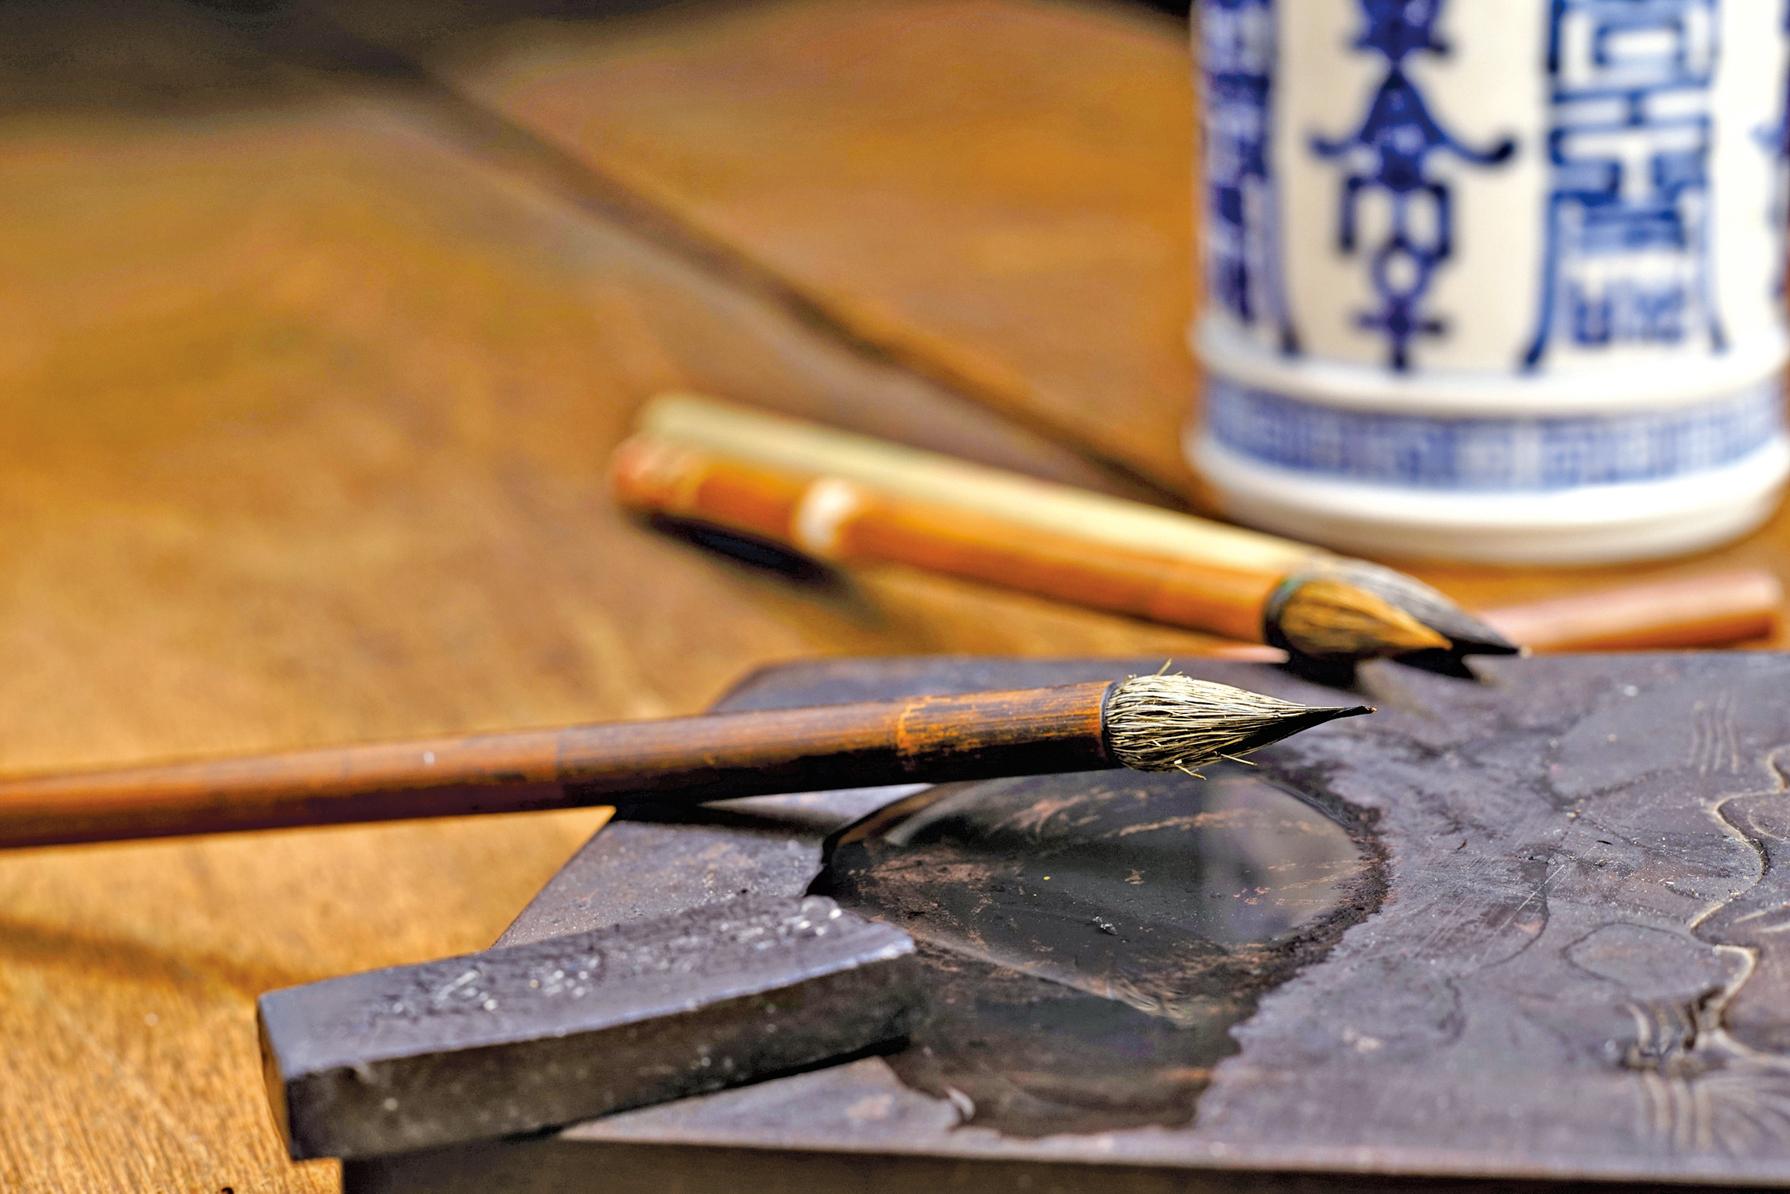 墨除了用來磨成墨汁寫字外,還有甚麼功能嗎?(Fotolia)